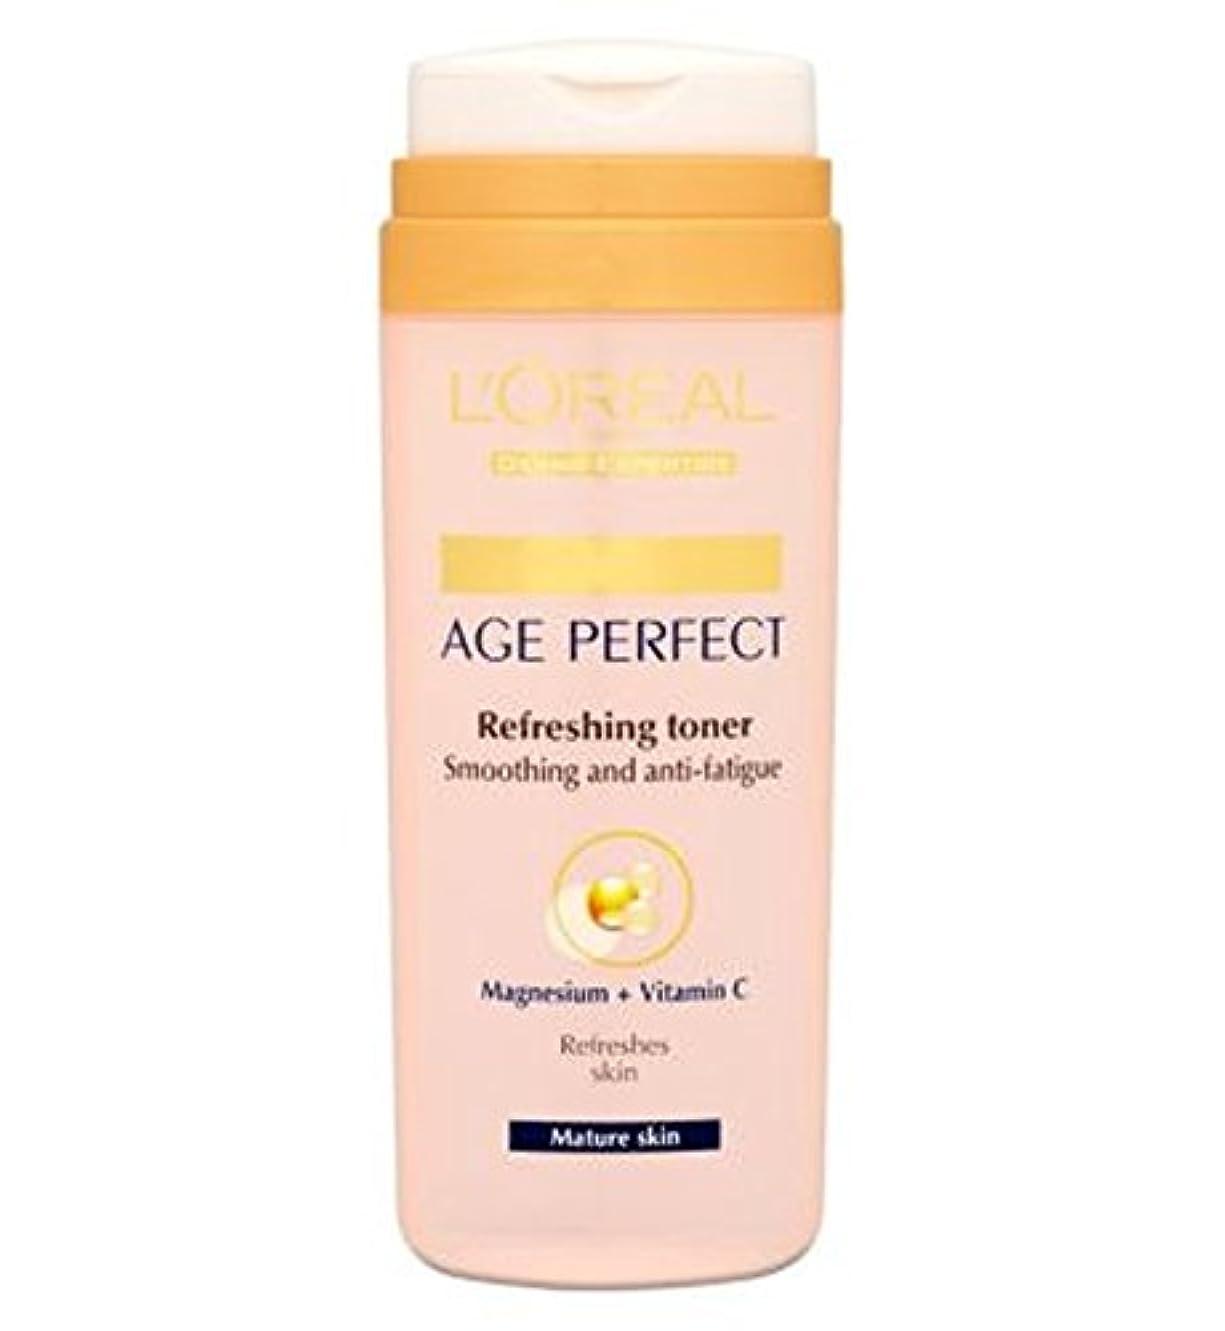 付ける吐く溢れんばかりのL'Oreallパリ真皮専門知識の年齢、完璧なさわやかなトナー成熟肌の200ミリリットル (L'Oreal) (x2) - L'Oreall Paris Dermo-Expertise Age Perfect Refreshing...